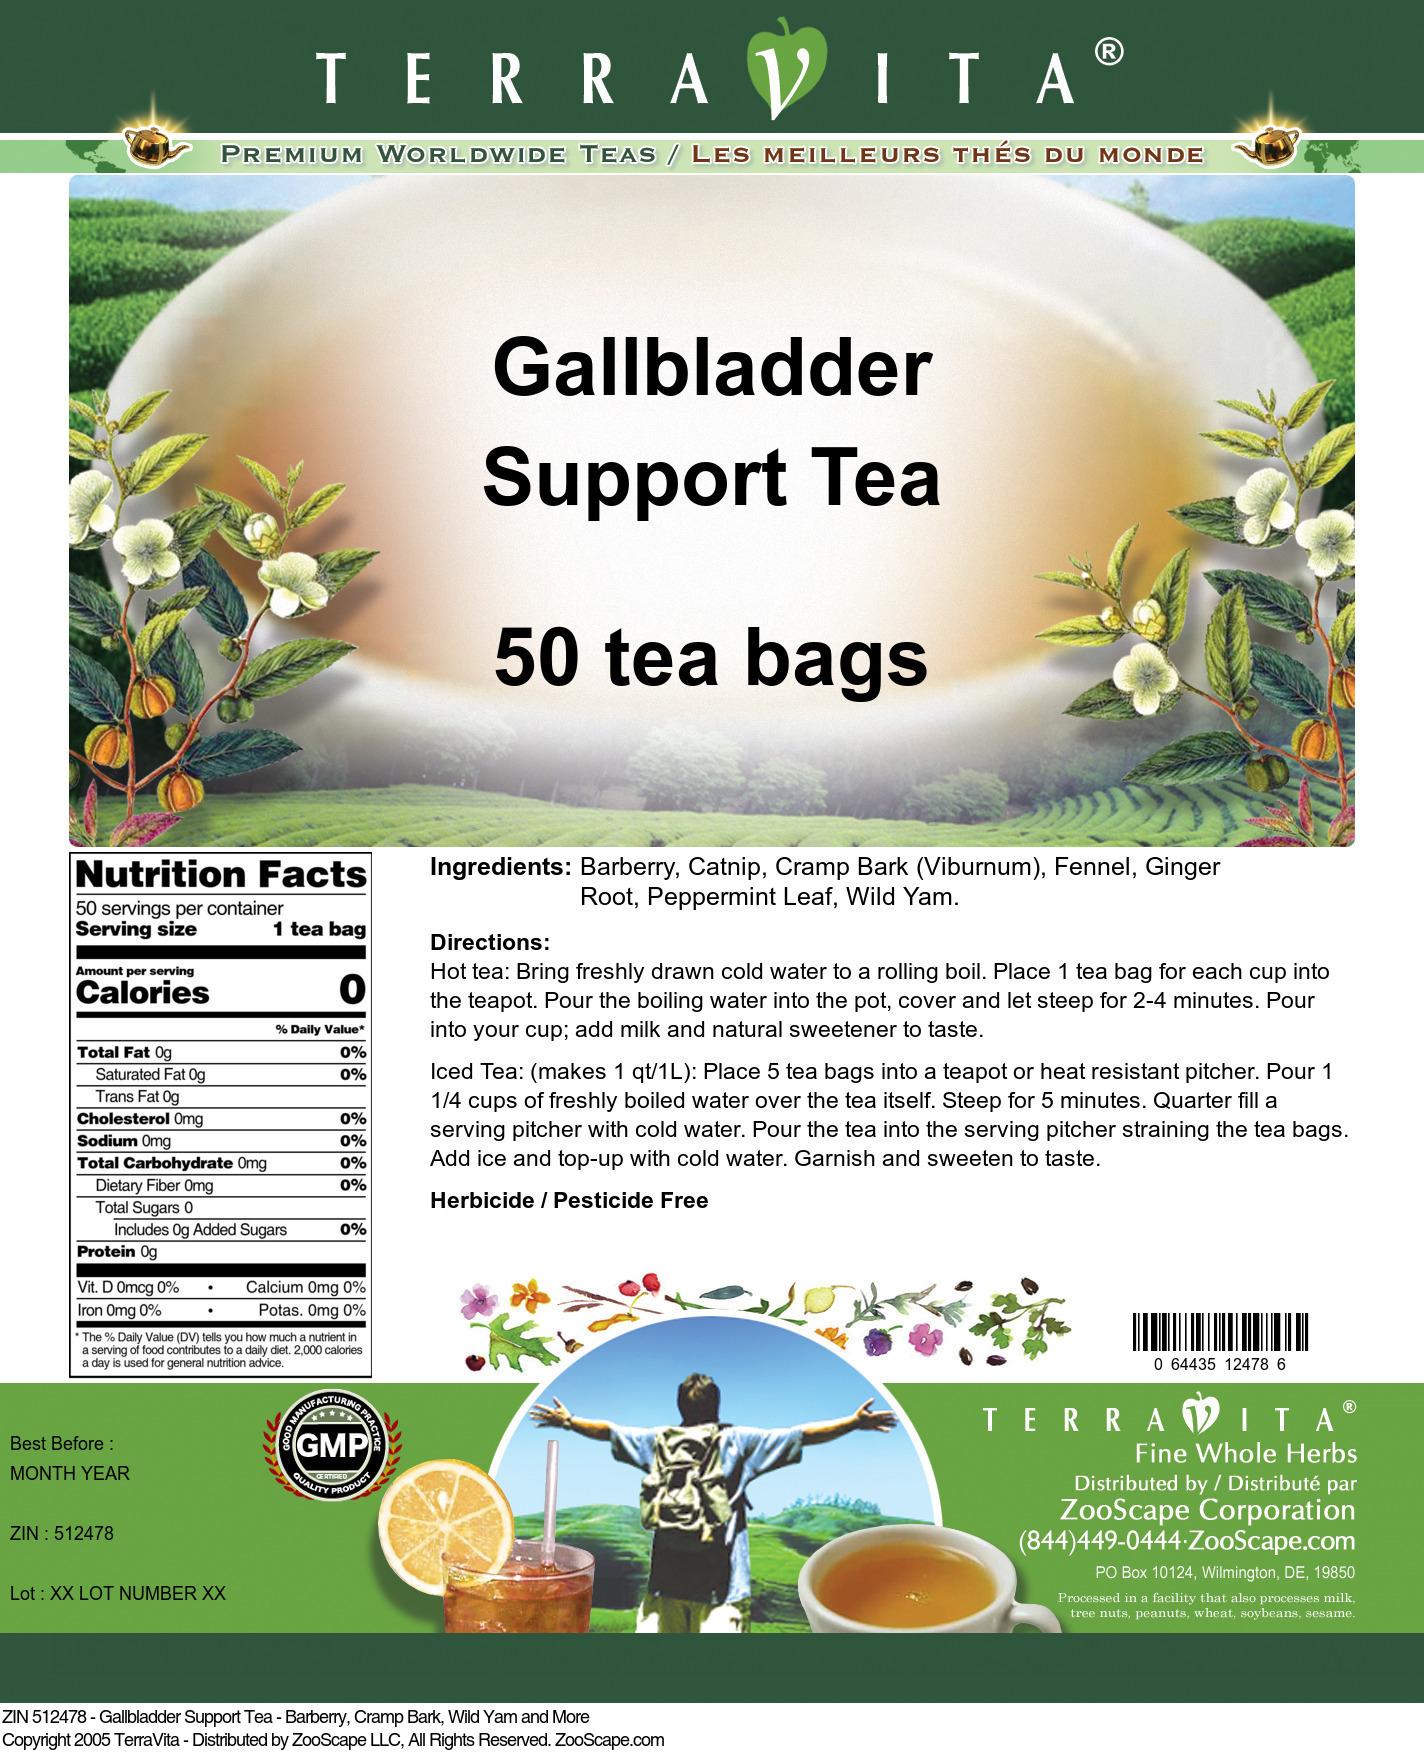 Gallbladder Support